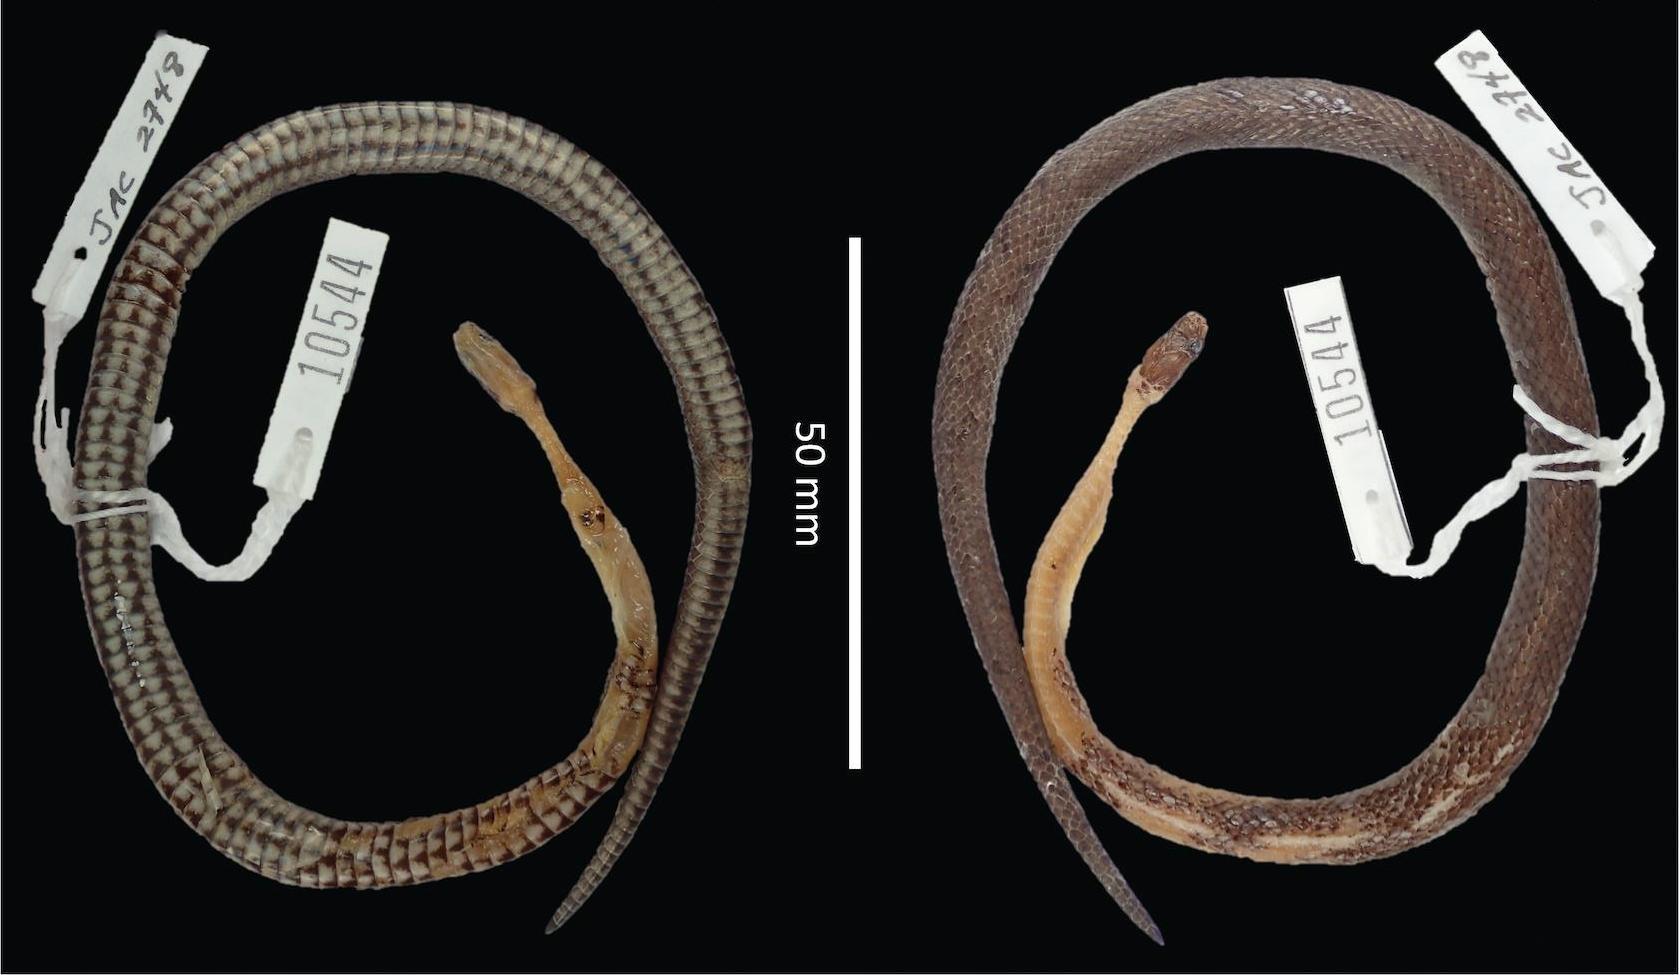 Учёные обнаружили змею нового вида в другой змее